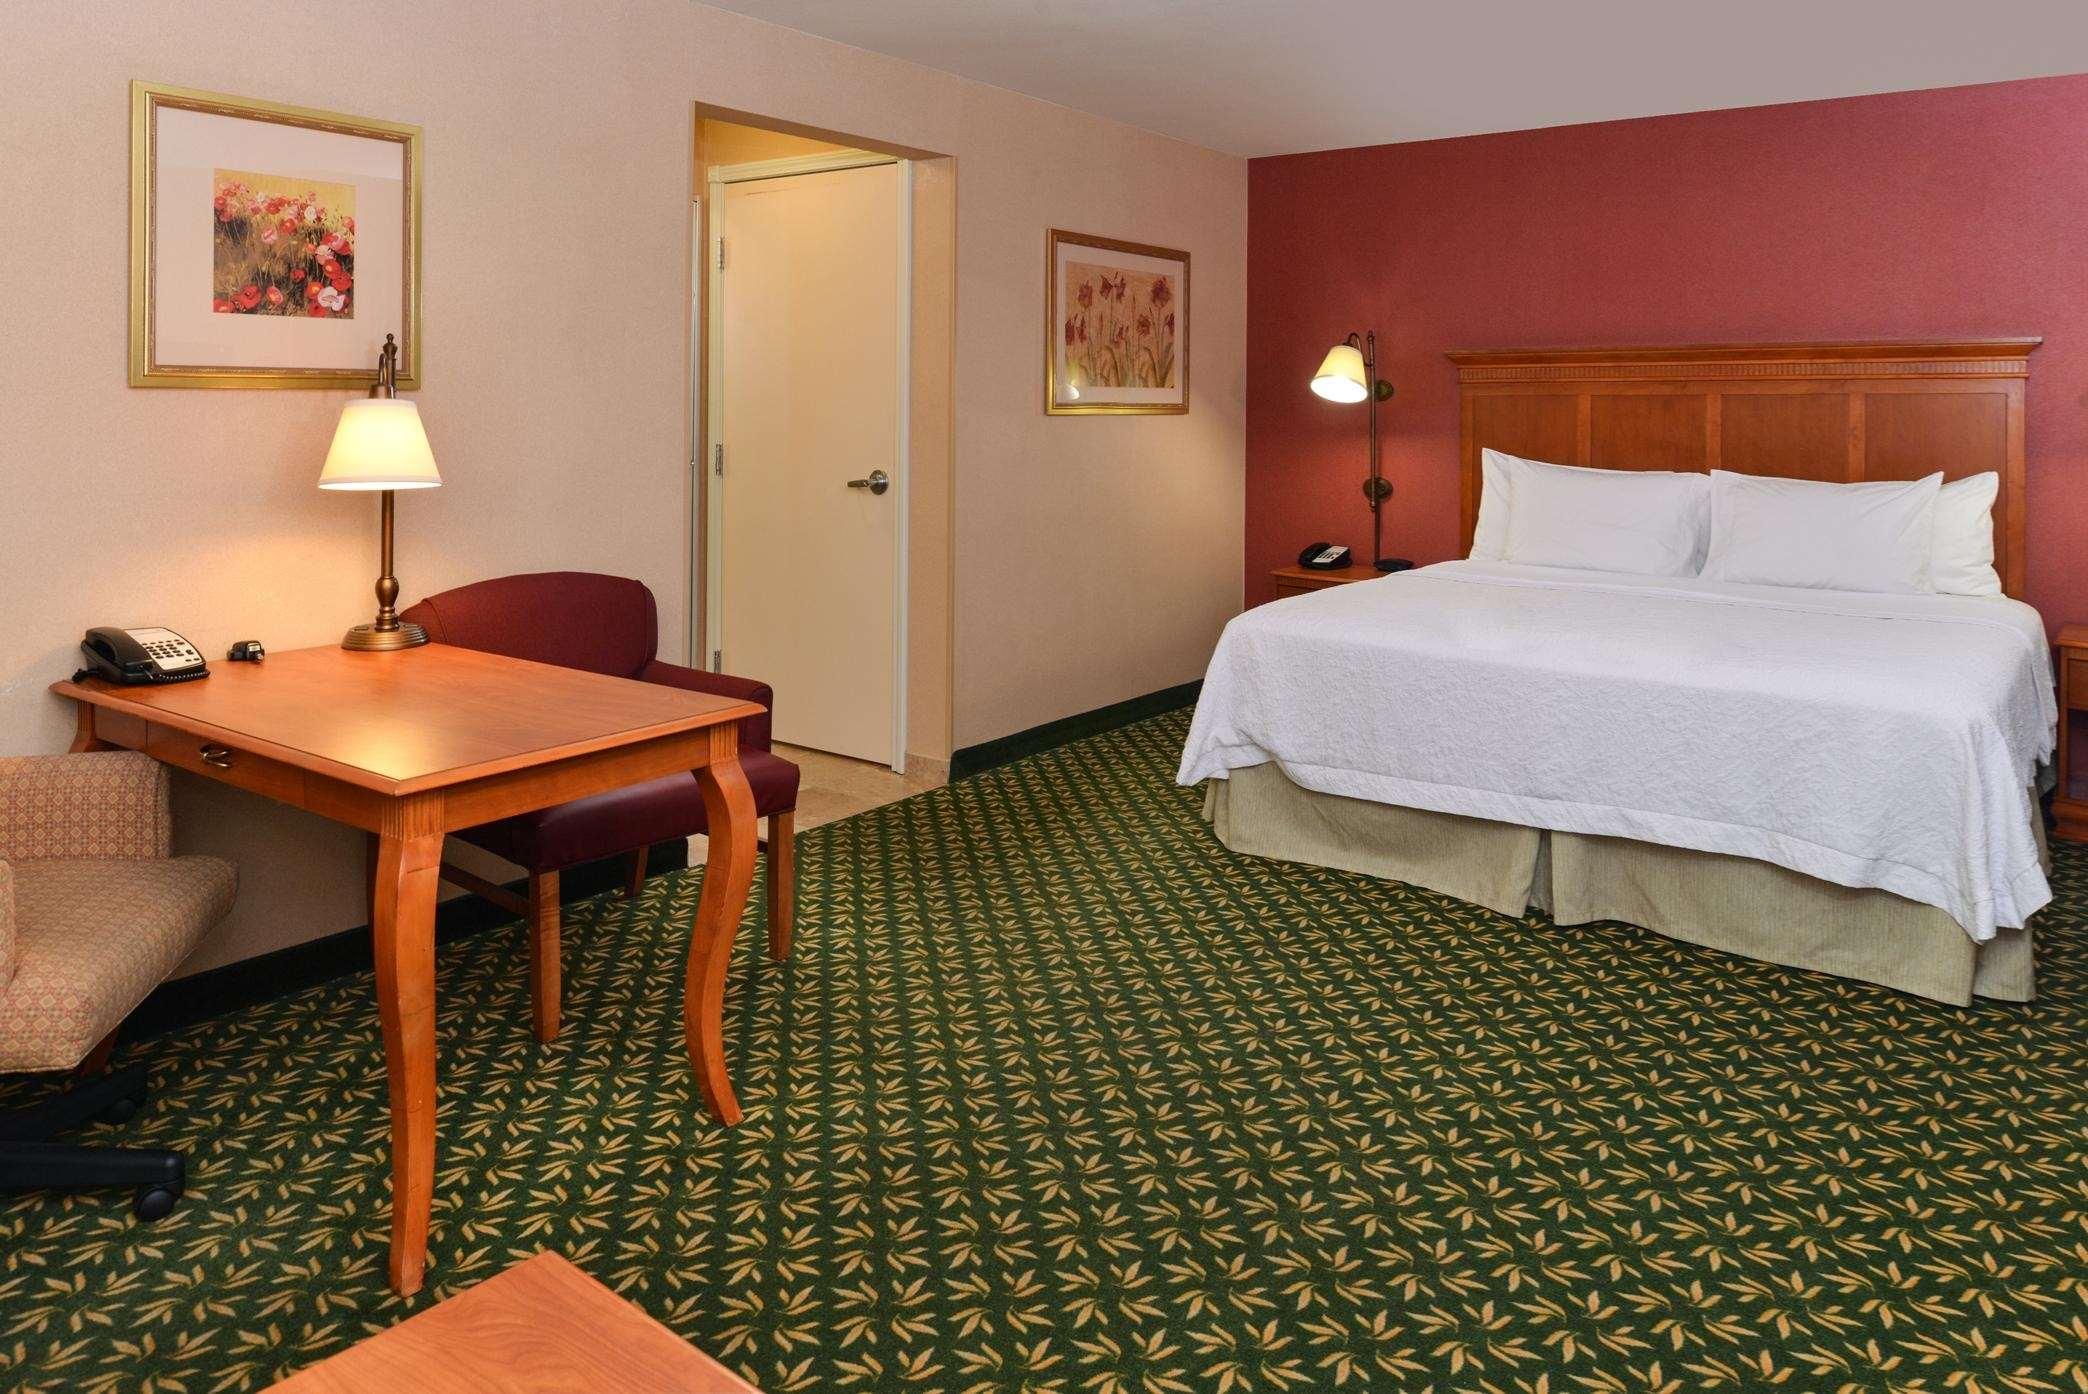 Hampton Inn & Suites Casper image 48